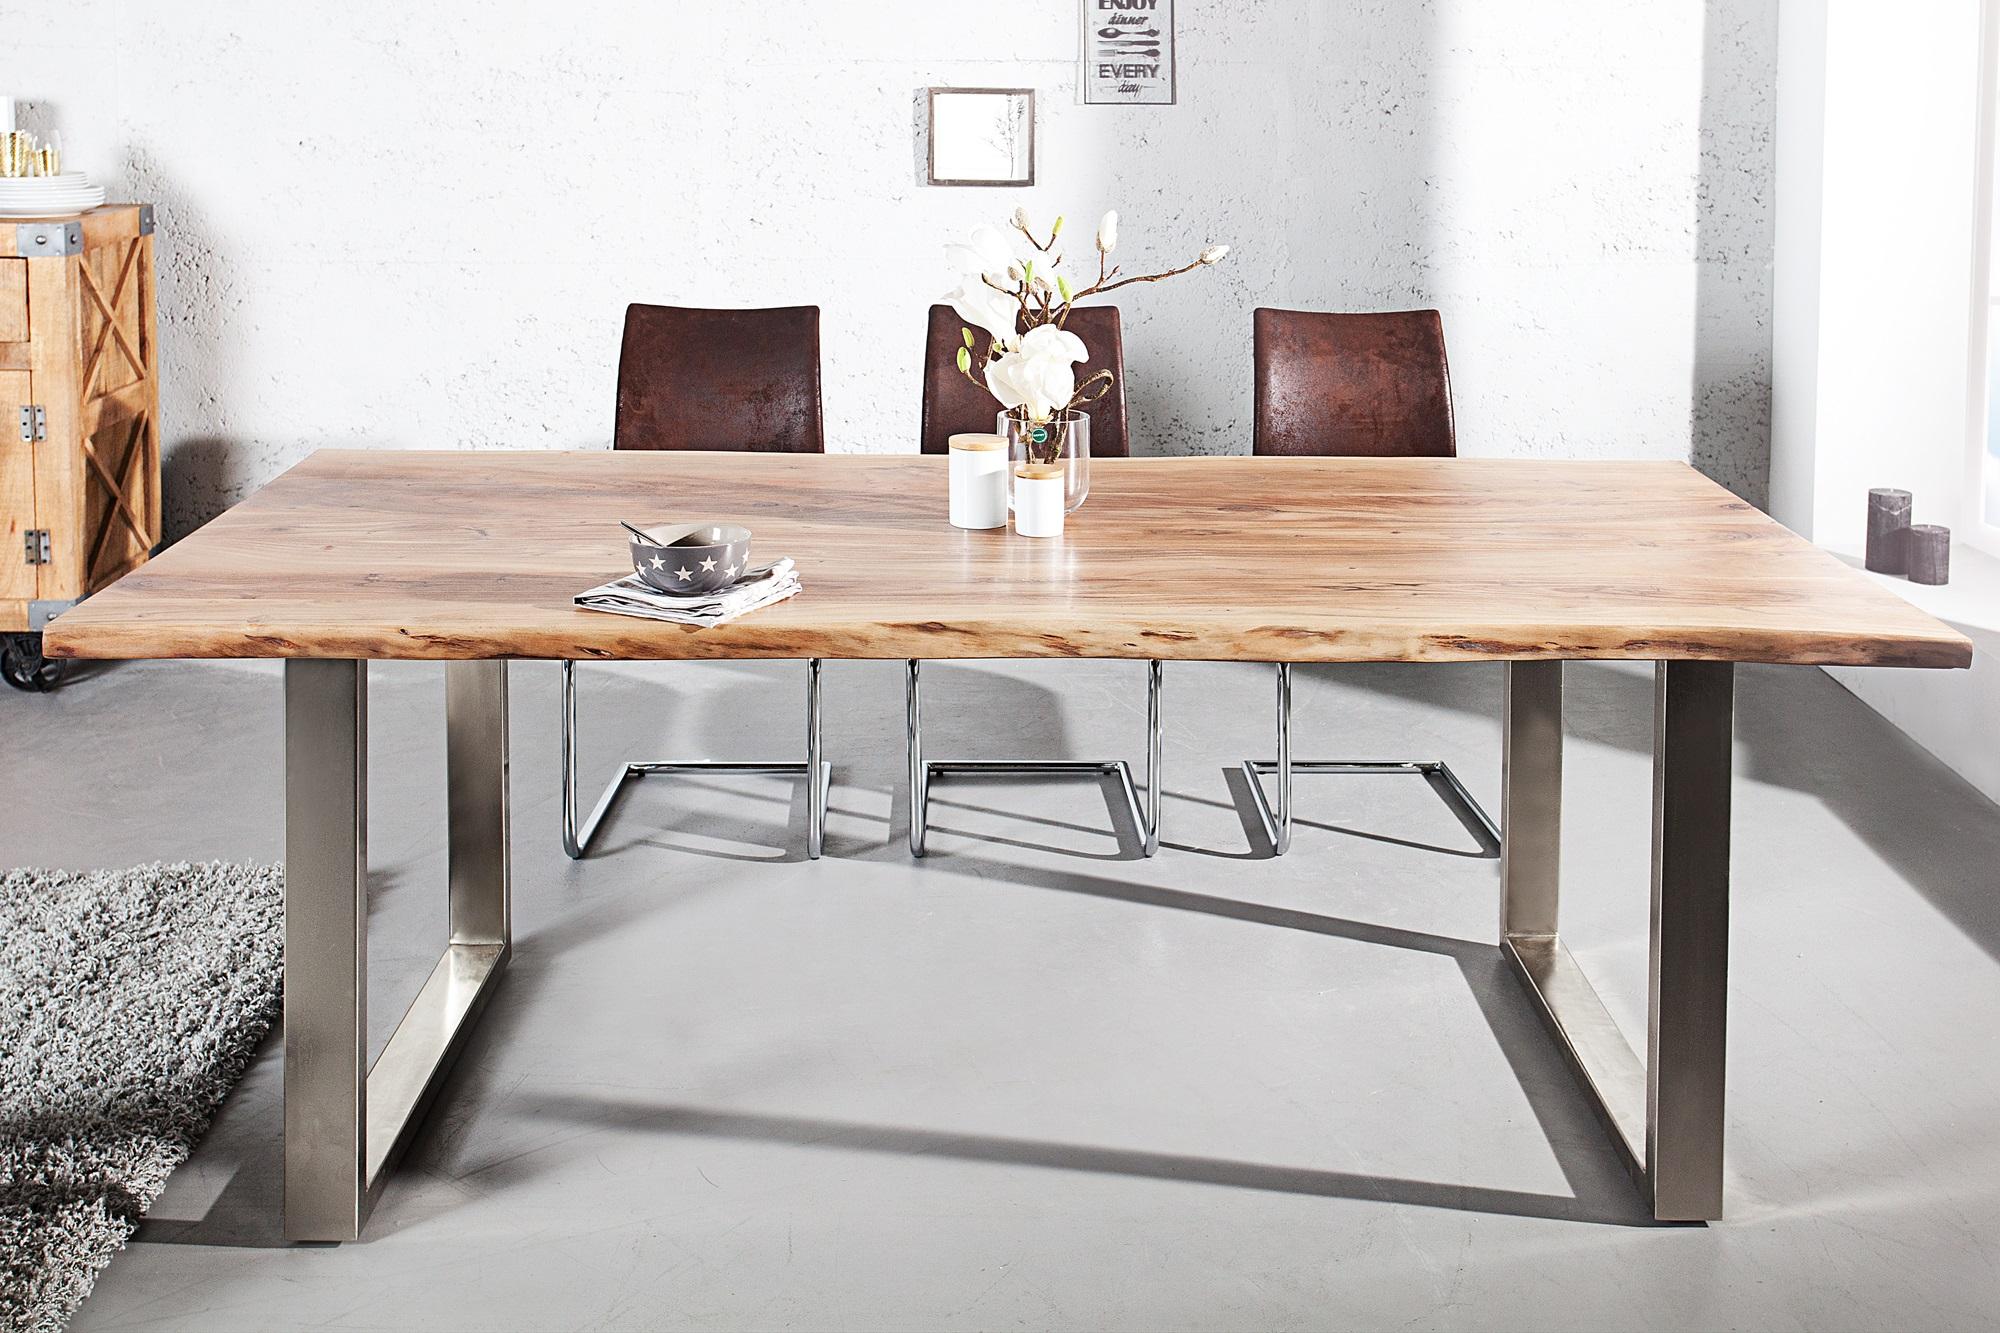 Tafel Van Boomstam : Massief houten boomstam tafel meubeldeals